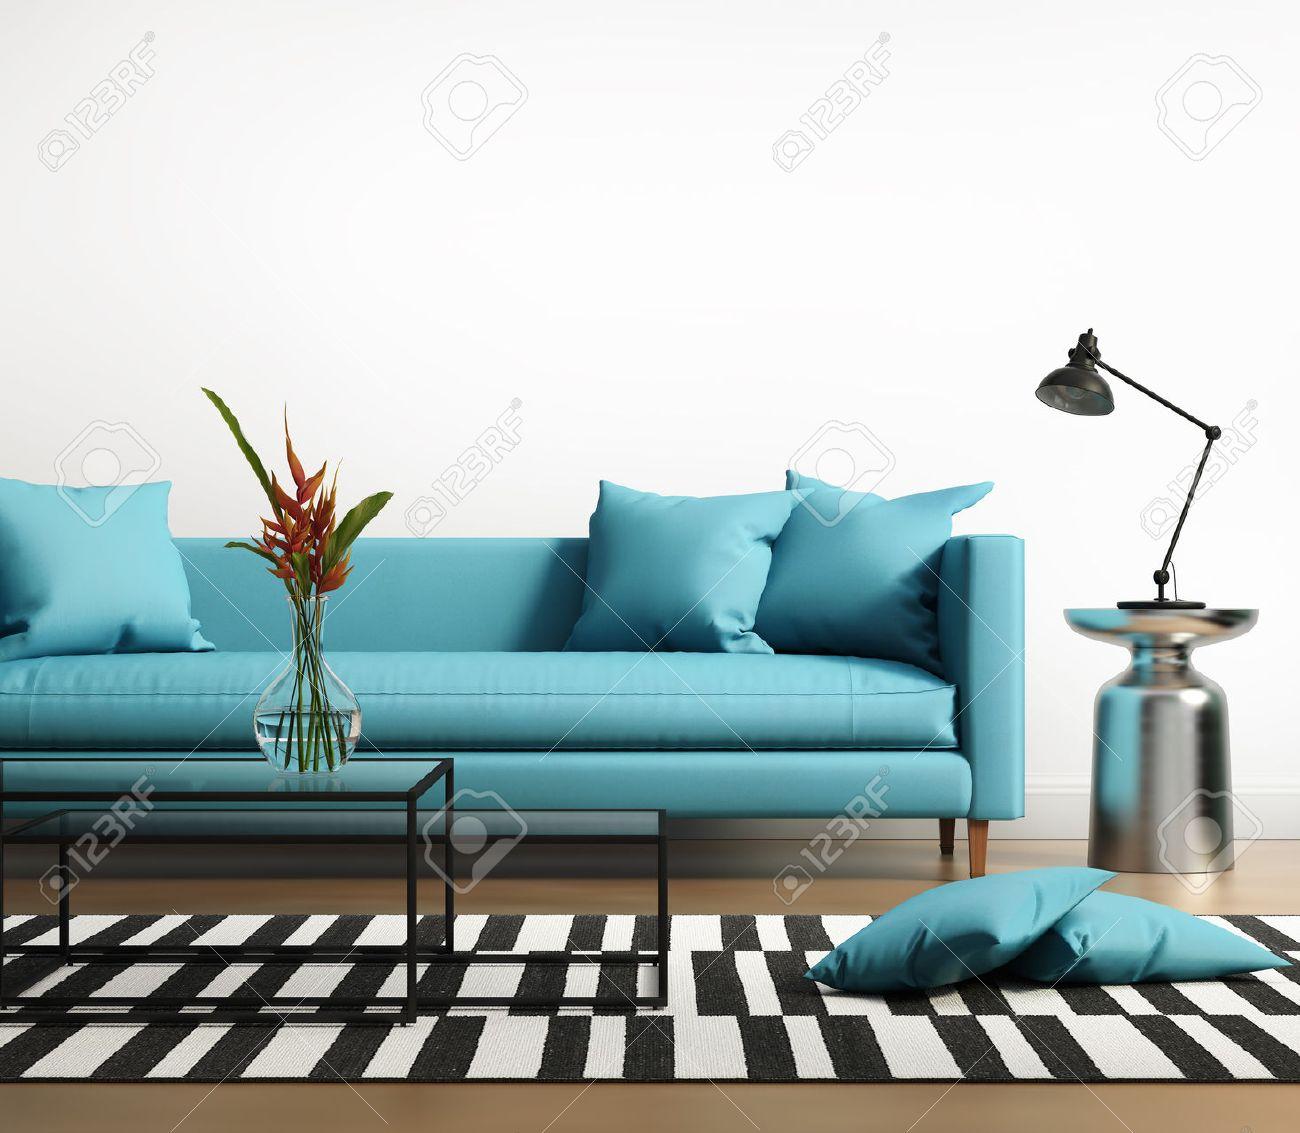 Full Size of Sofa Türkis Interieur Mit Einem Blauen Trkis Im Wohnzimmer Togo Stressless Wk Megapol Chippendale Modulares Günstiges Xxl U Form Muuto Relaxfunktion Sofa Sofa Türkis